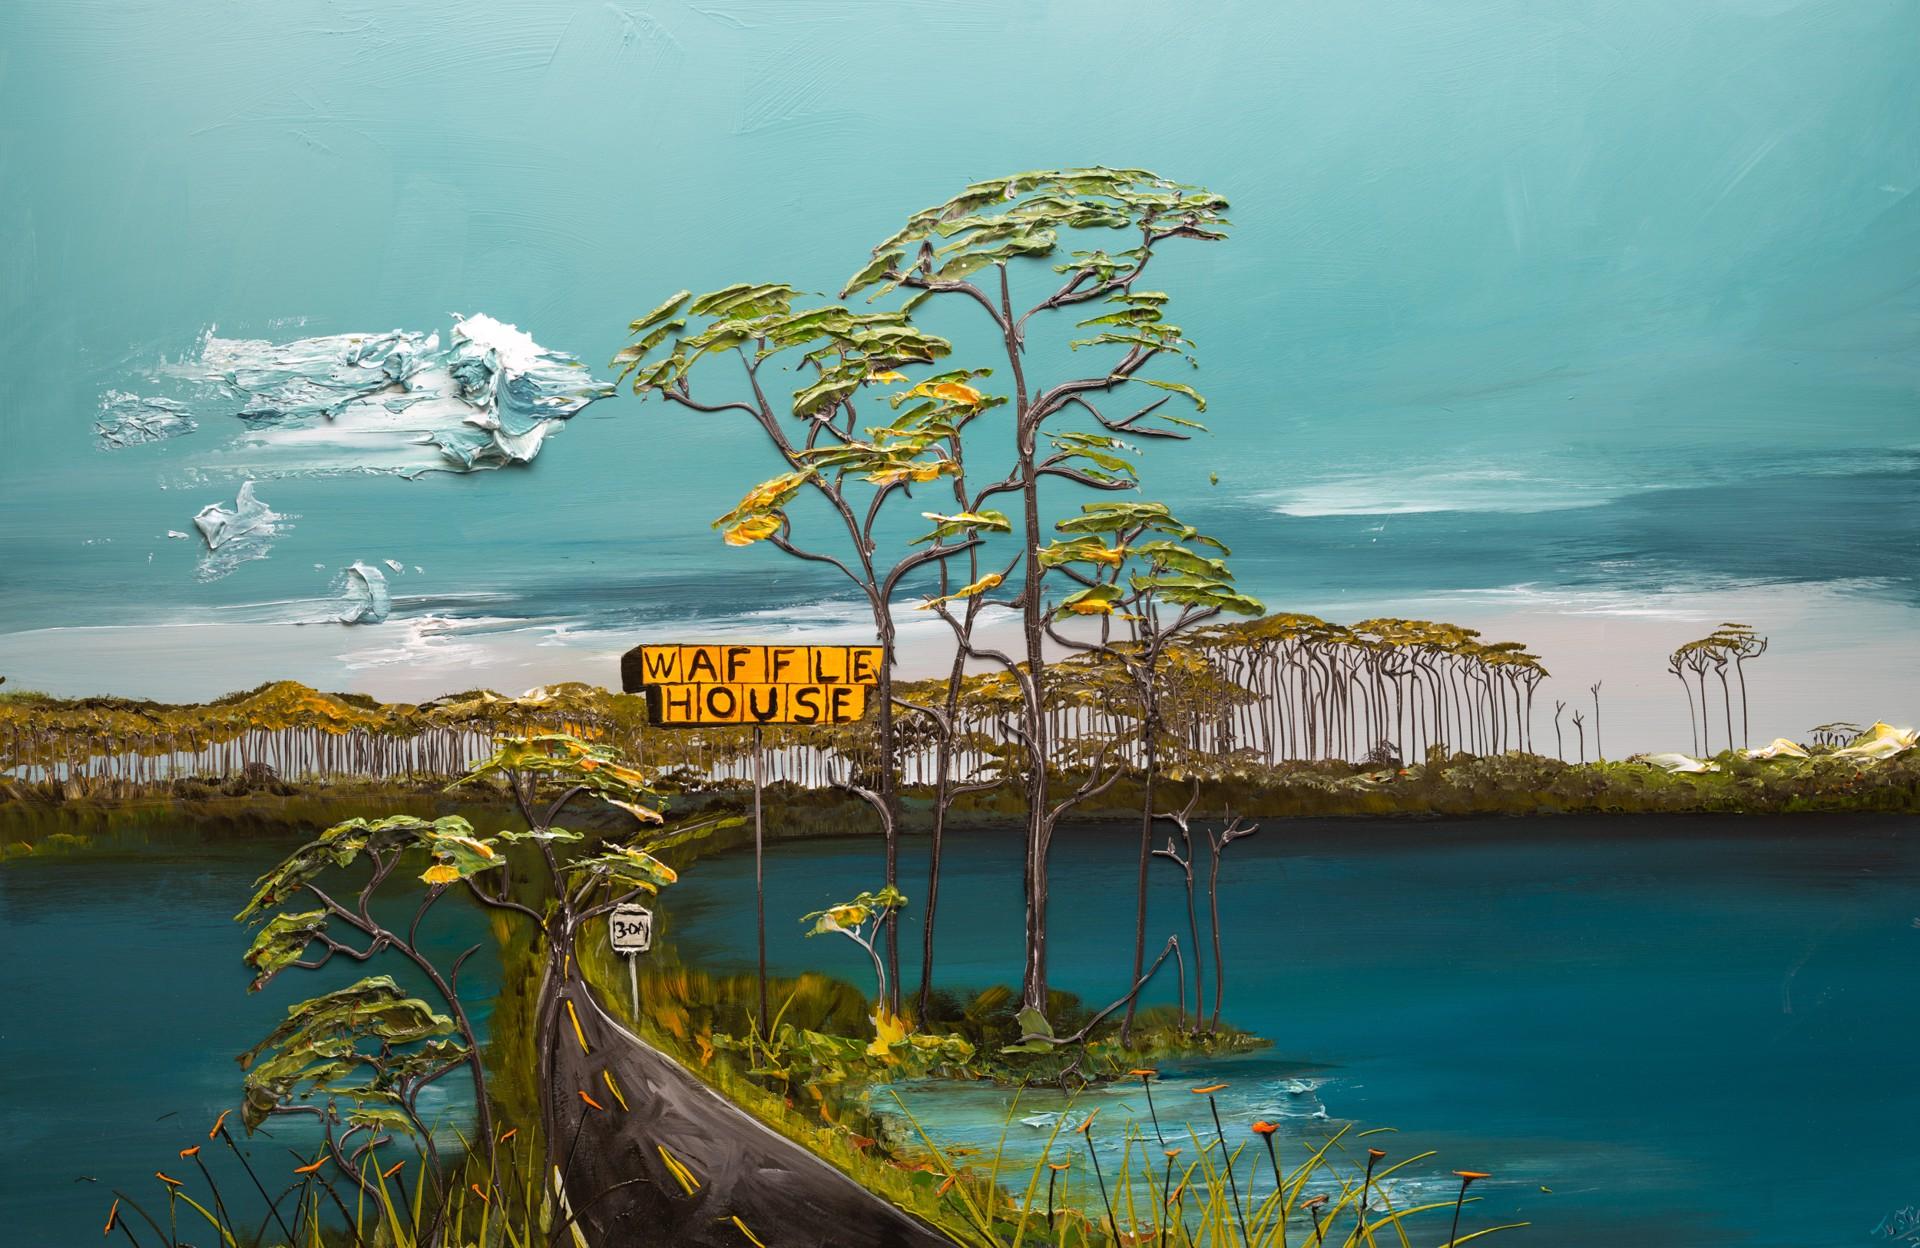 WESTERN LAKE WAFFLE HOUSE-72X48-2020-014 by JUSTIN GAFFREY